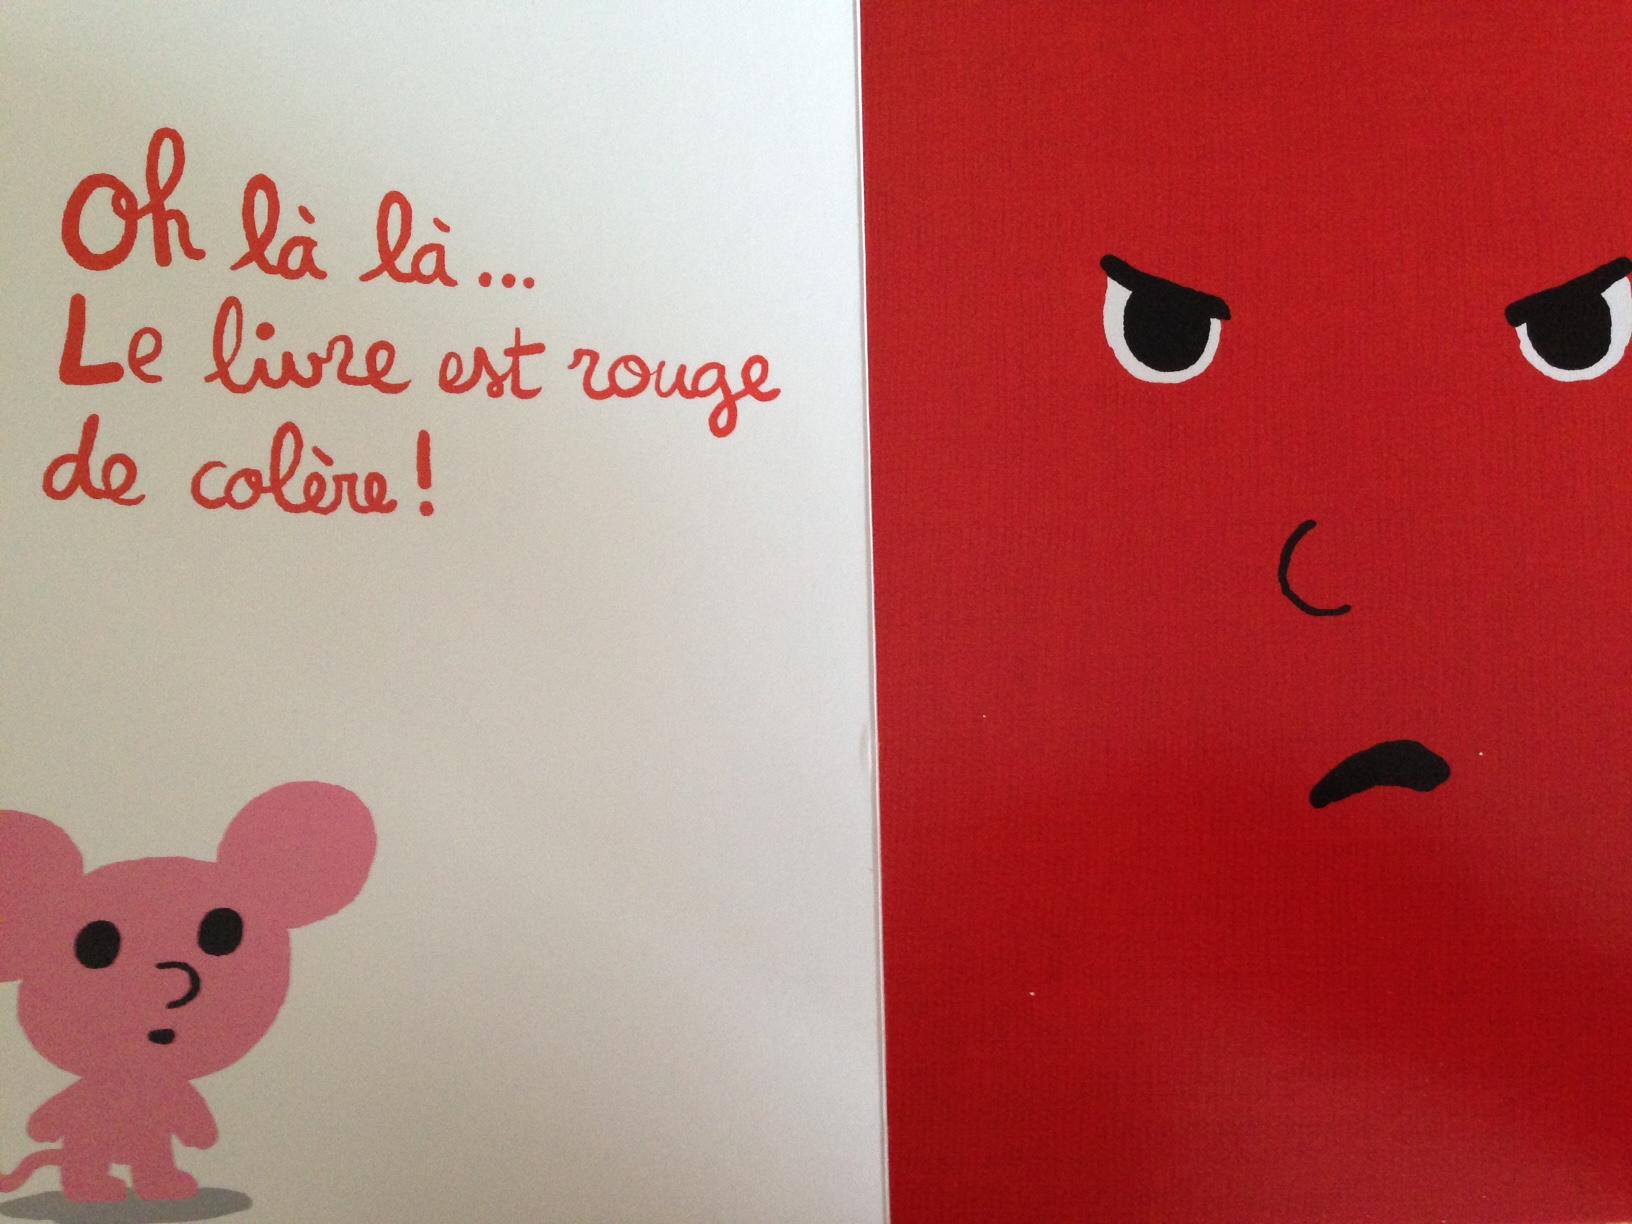 453b3fa2d6224 La colère du dragon » de Thierry Robberecht et Philippe Goossens => Lire la  critique. «